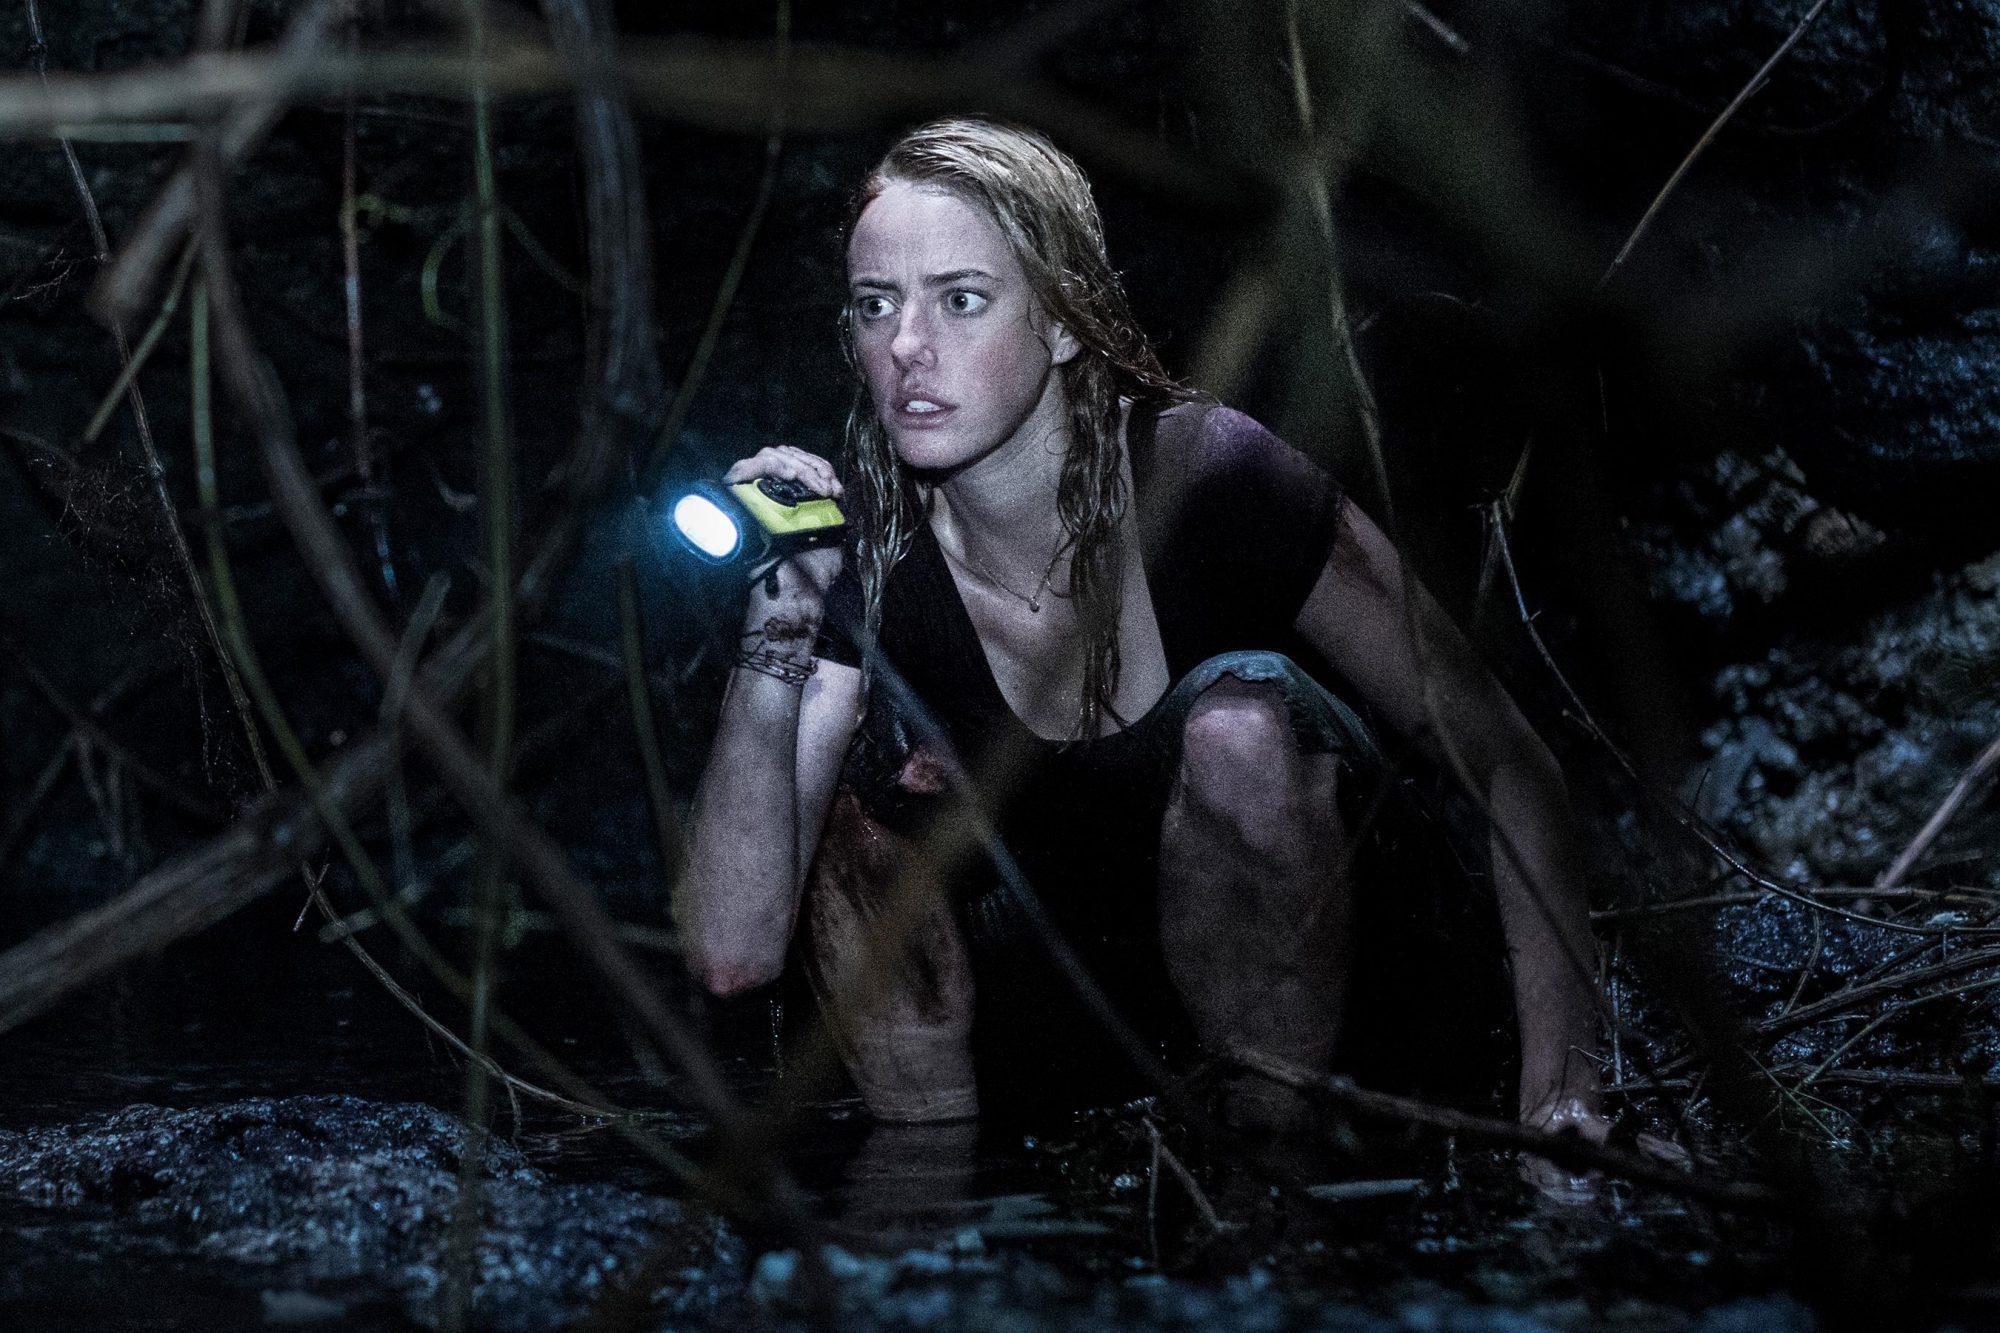 Kaya Scodelario in CRAWL from Paramount Pictures. Photo Credit: Sergej Radović.